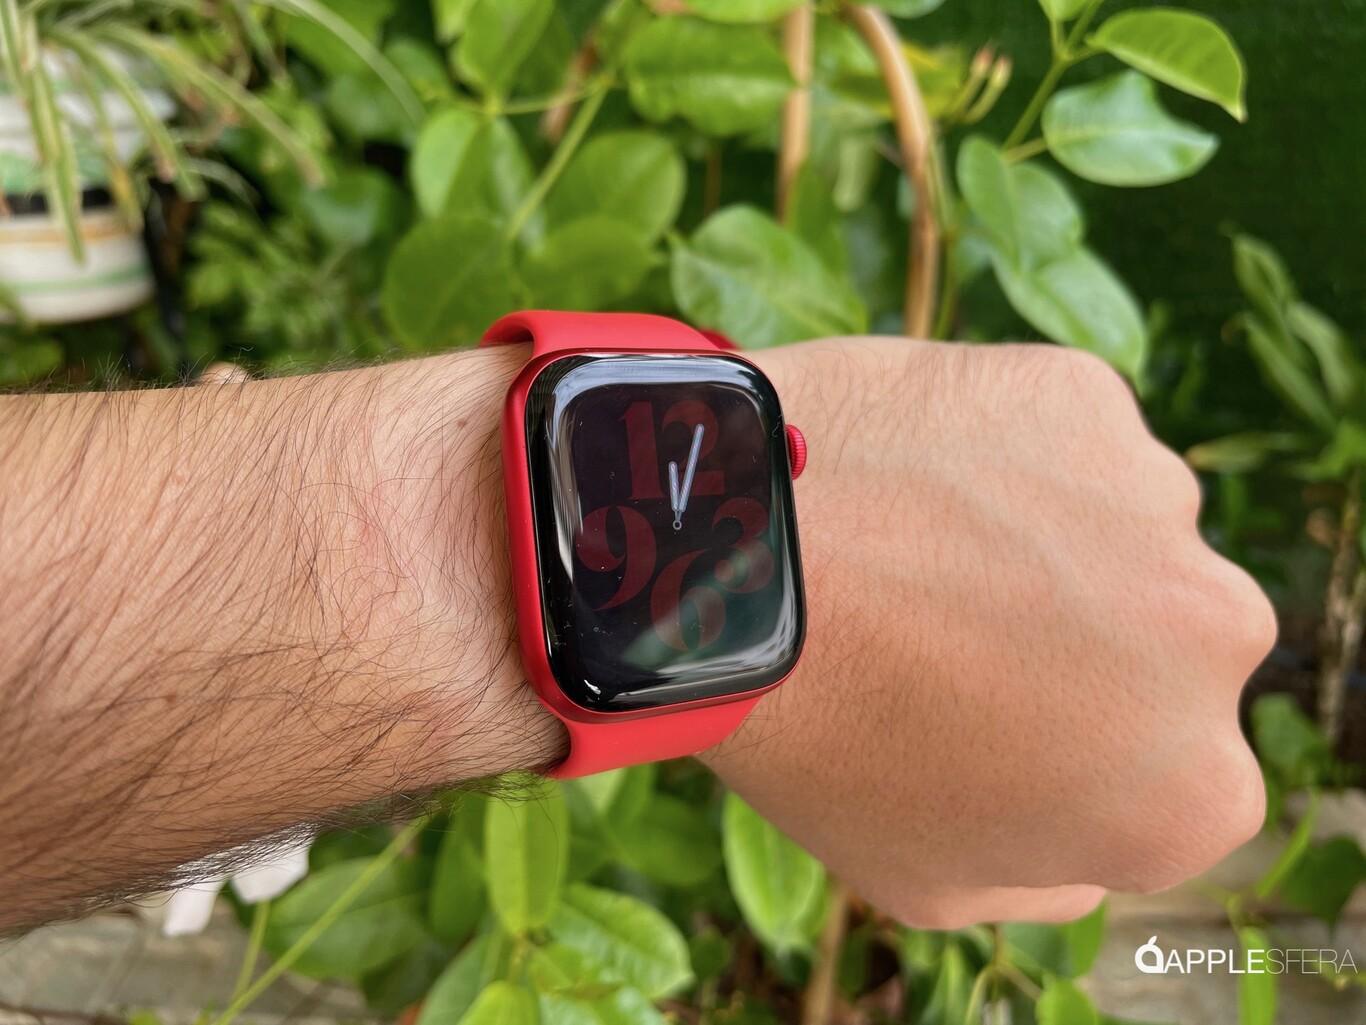 Protector De Pantalla Para Apple Watch De Belkin Cuida Tu Reloj De Arañazos Inesperados Y De Forma Invisible